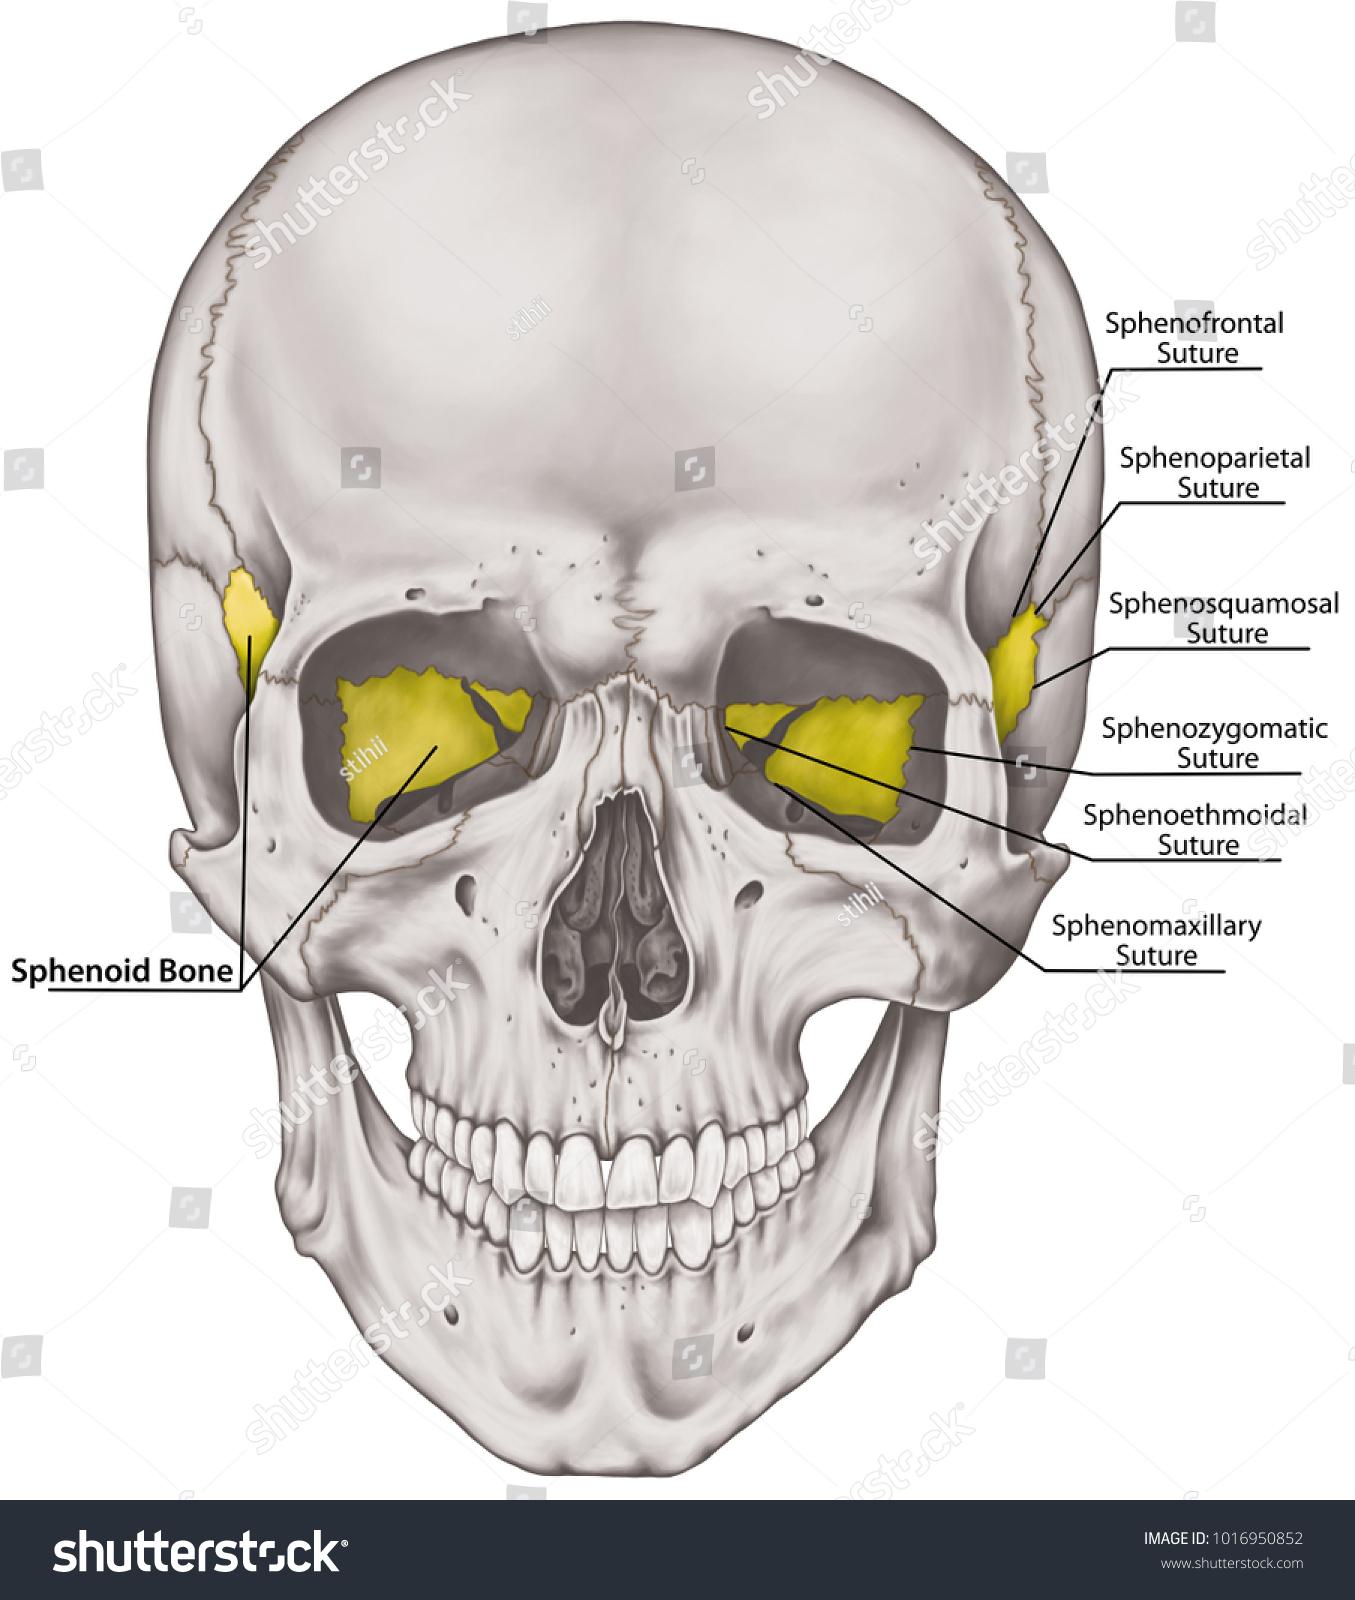 Sphenoid Bone Cranium Bones Head Skull Stock Illustration 1016950852